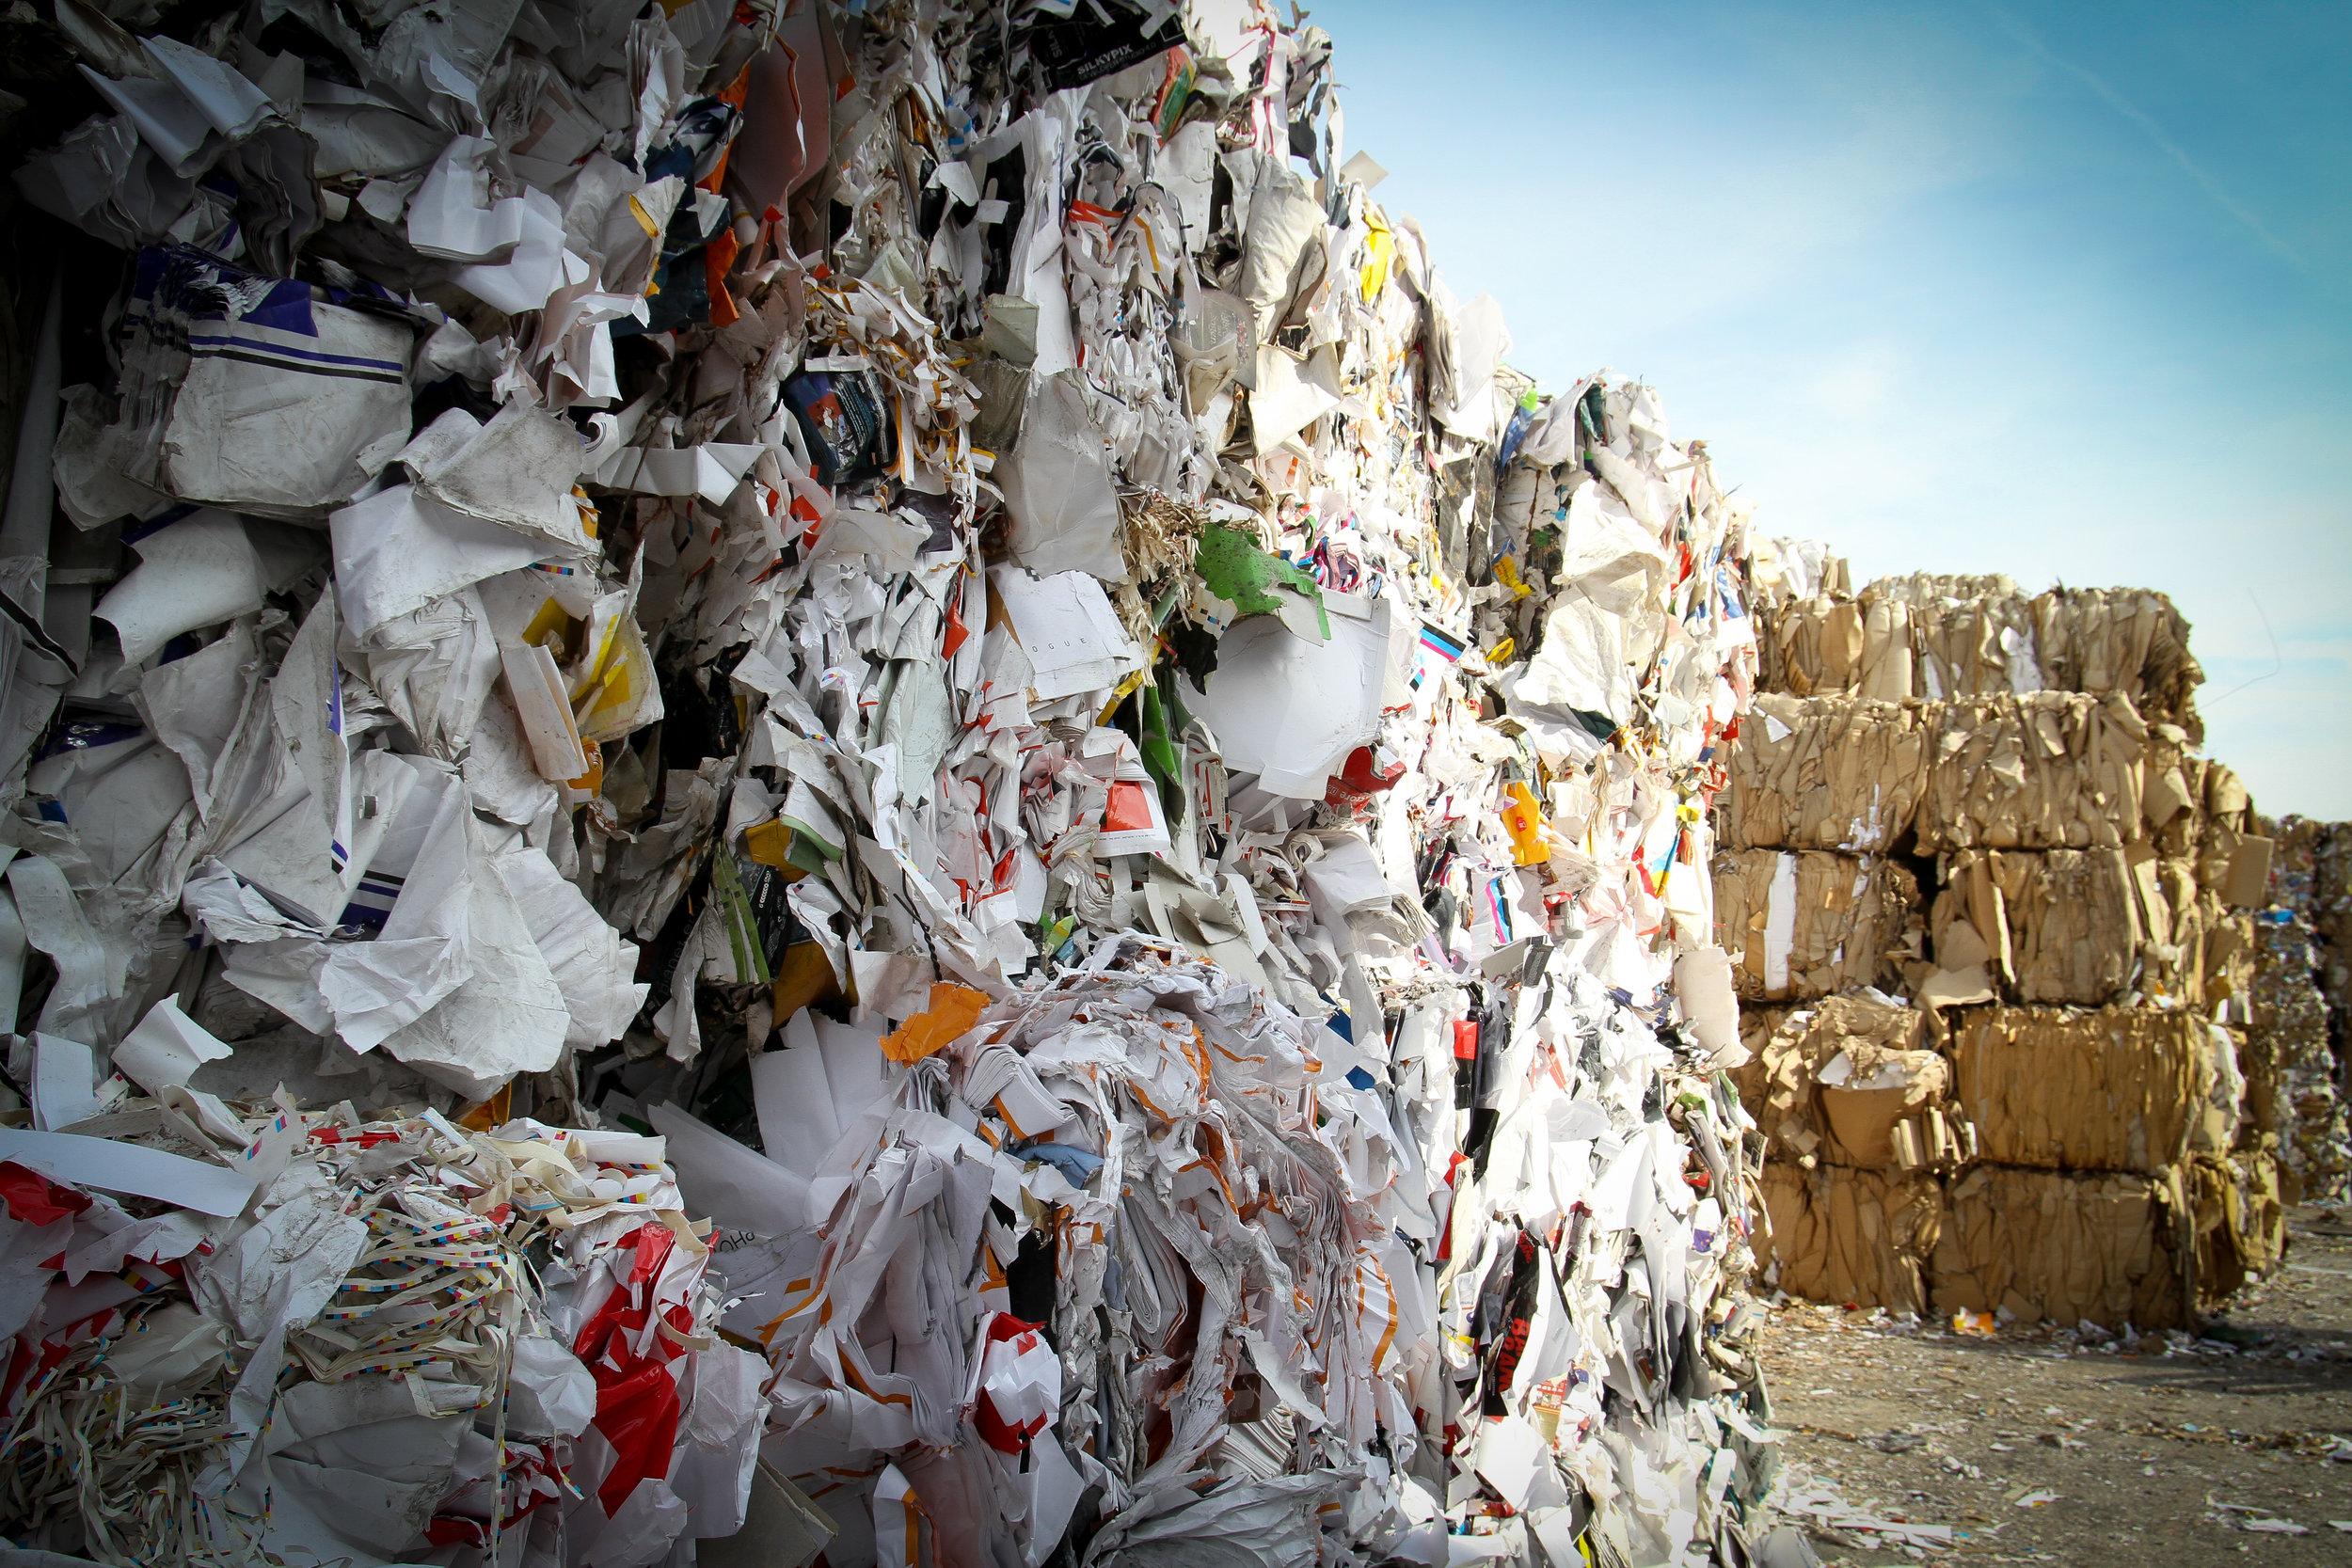 Abfallwirtschaftsunternehmen - Müllvermeidung ist das oberste Gebot im Kreislaufwirtschaftsgesetz.